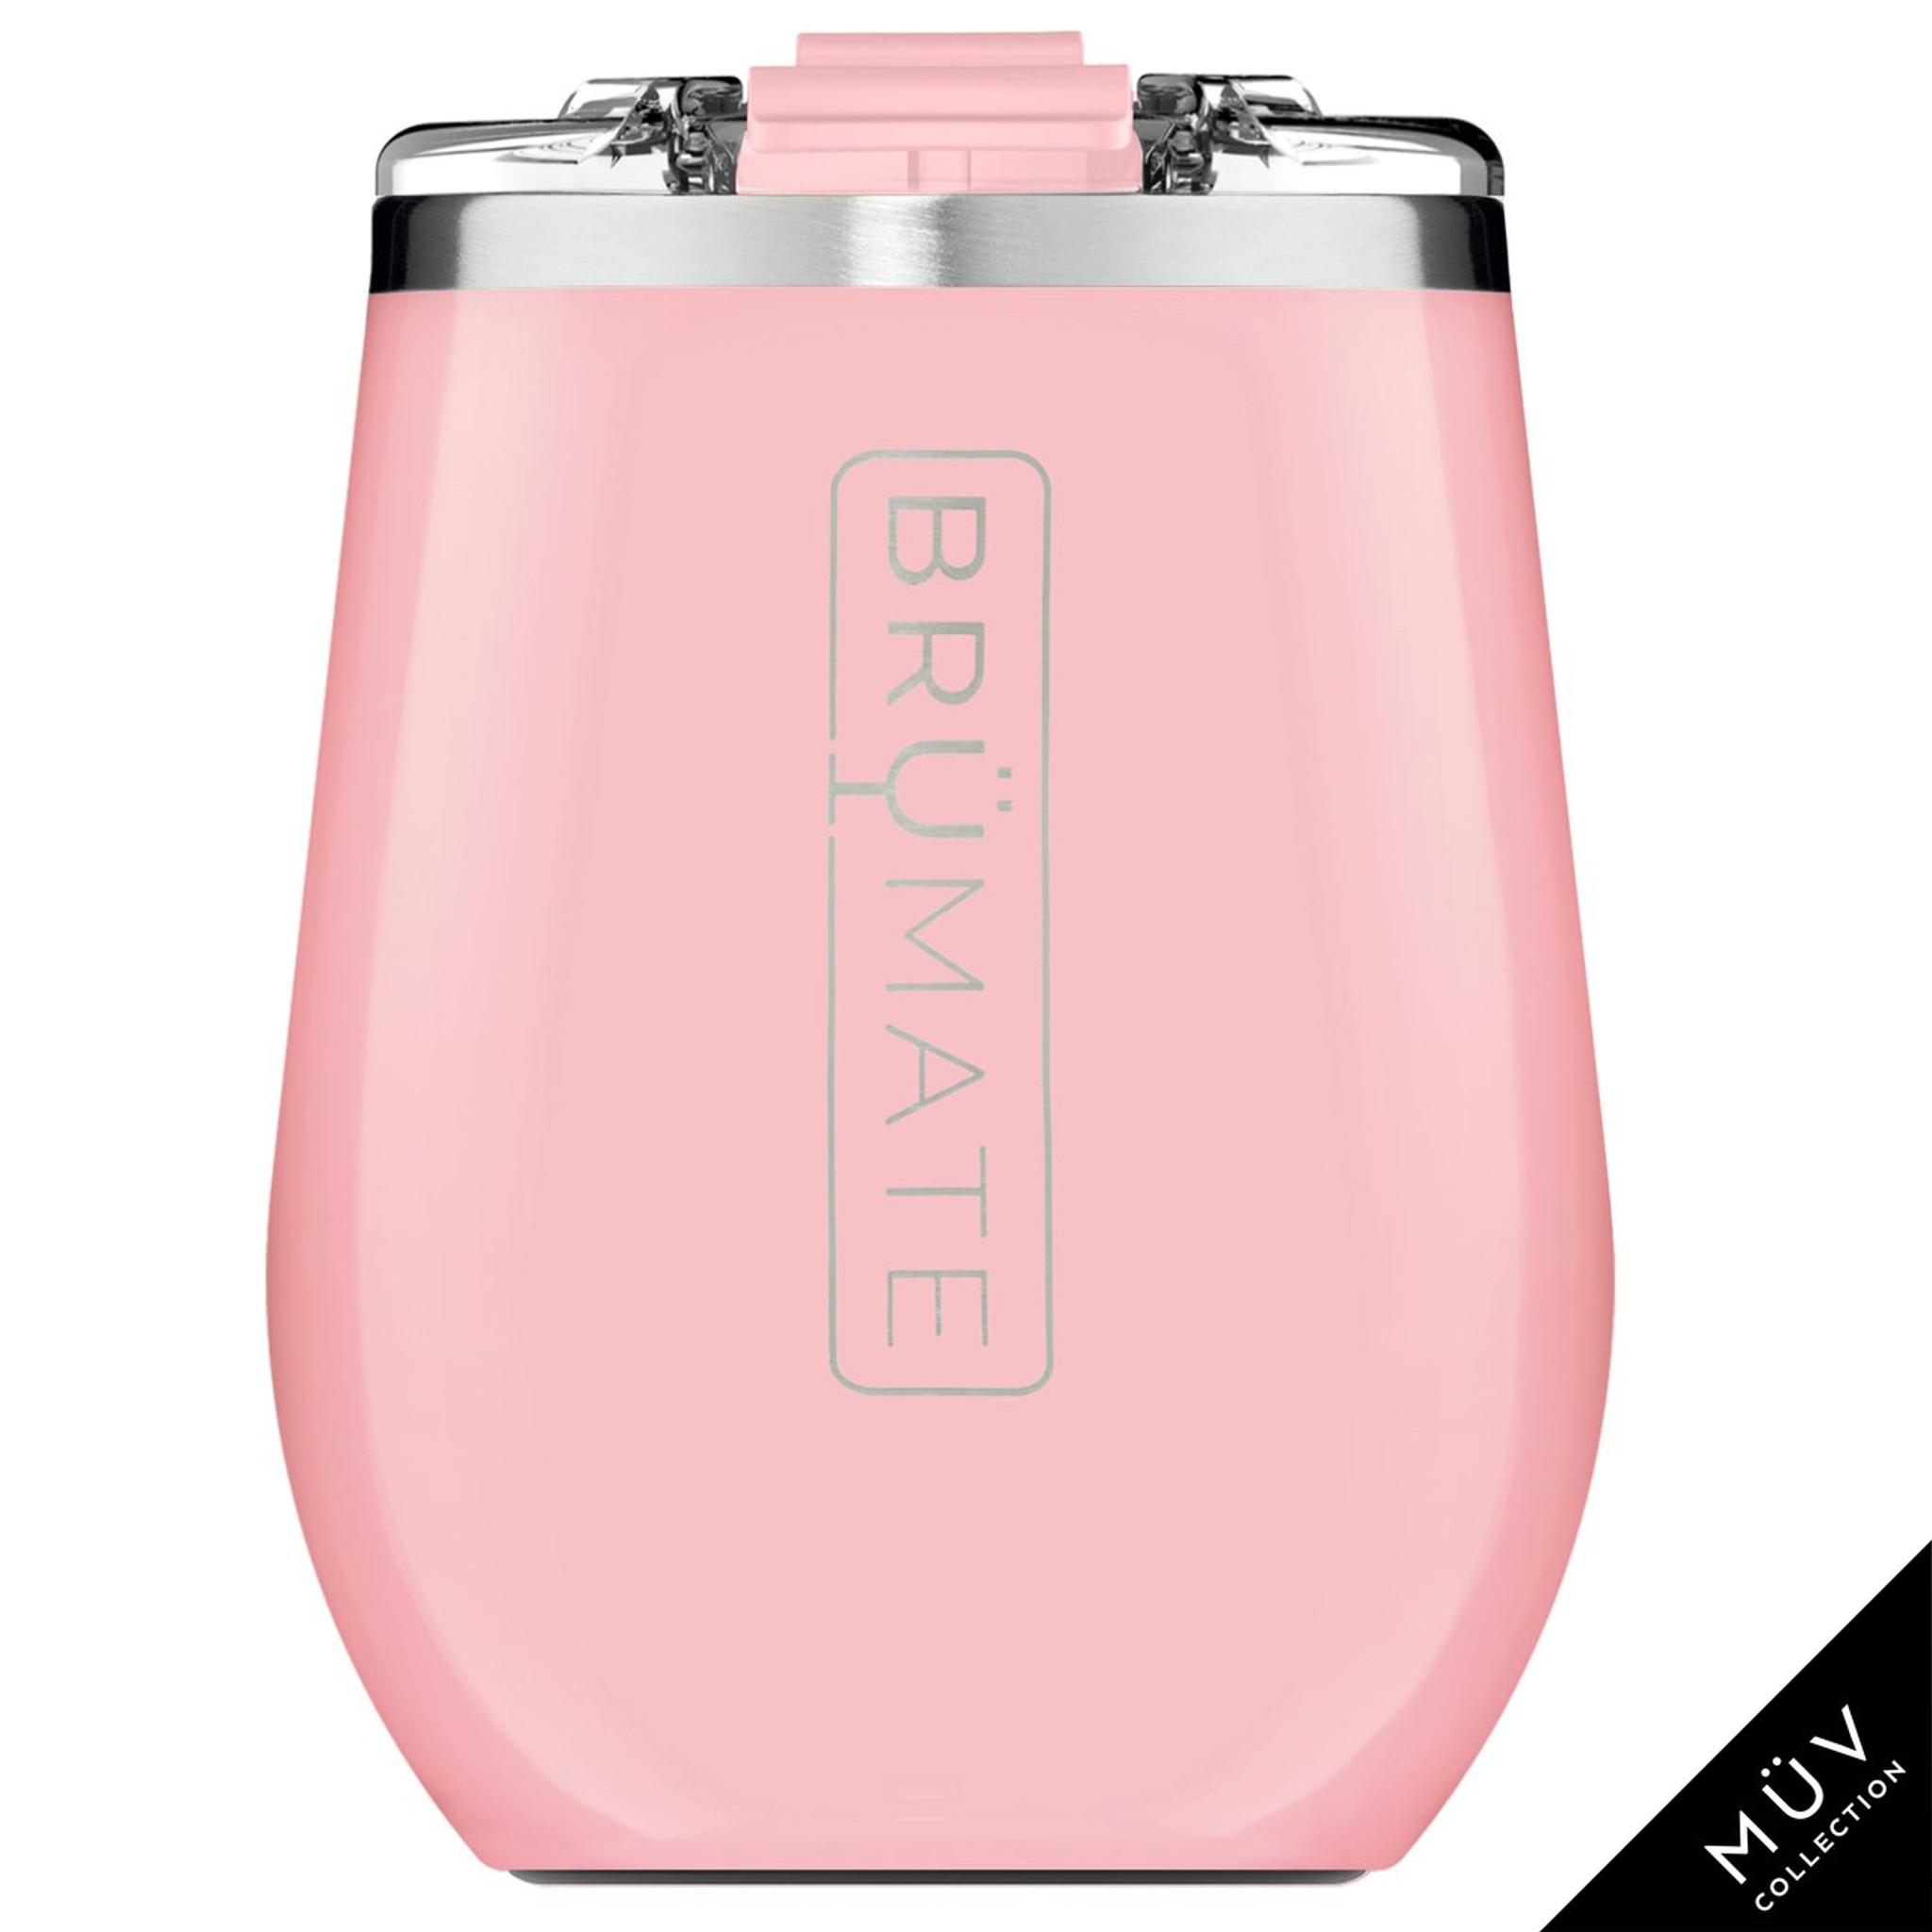 Brumate MuV Wine Tumbler - Blush